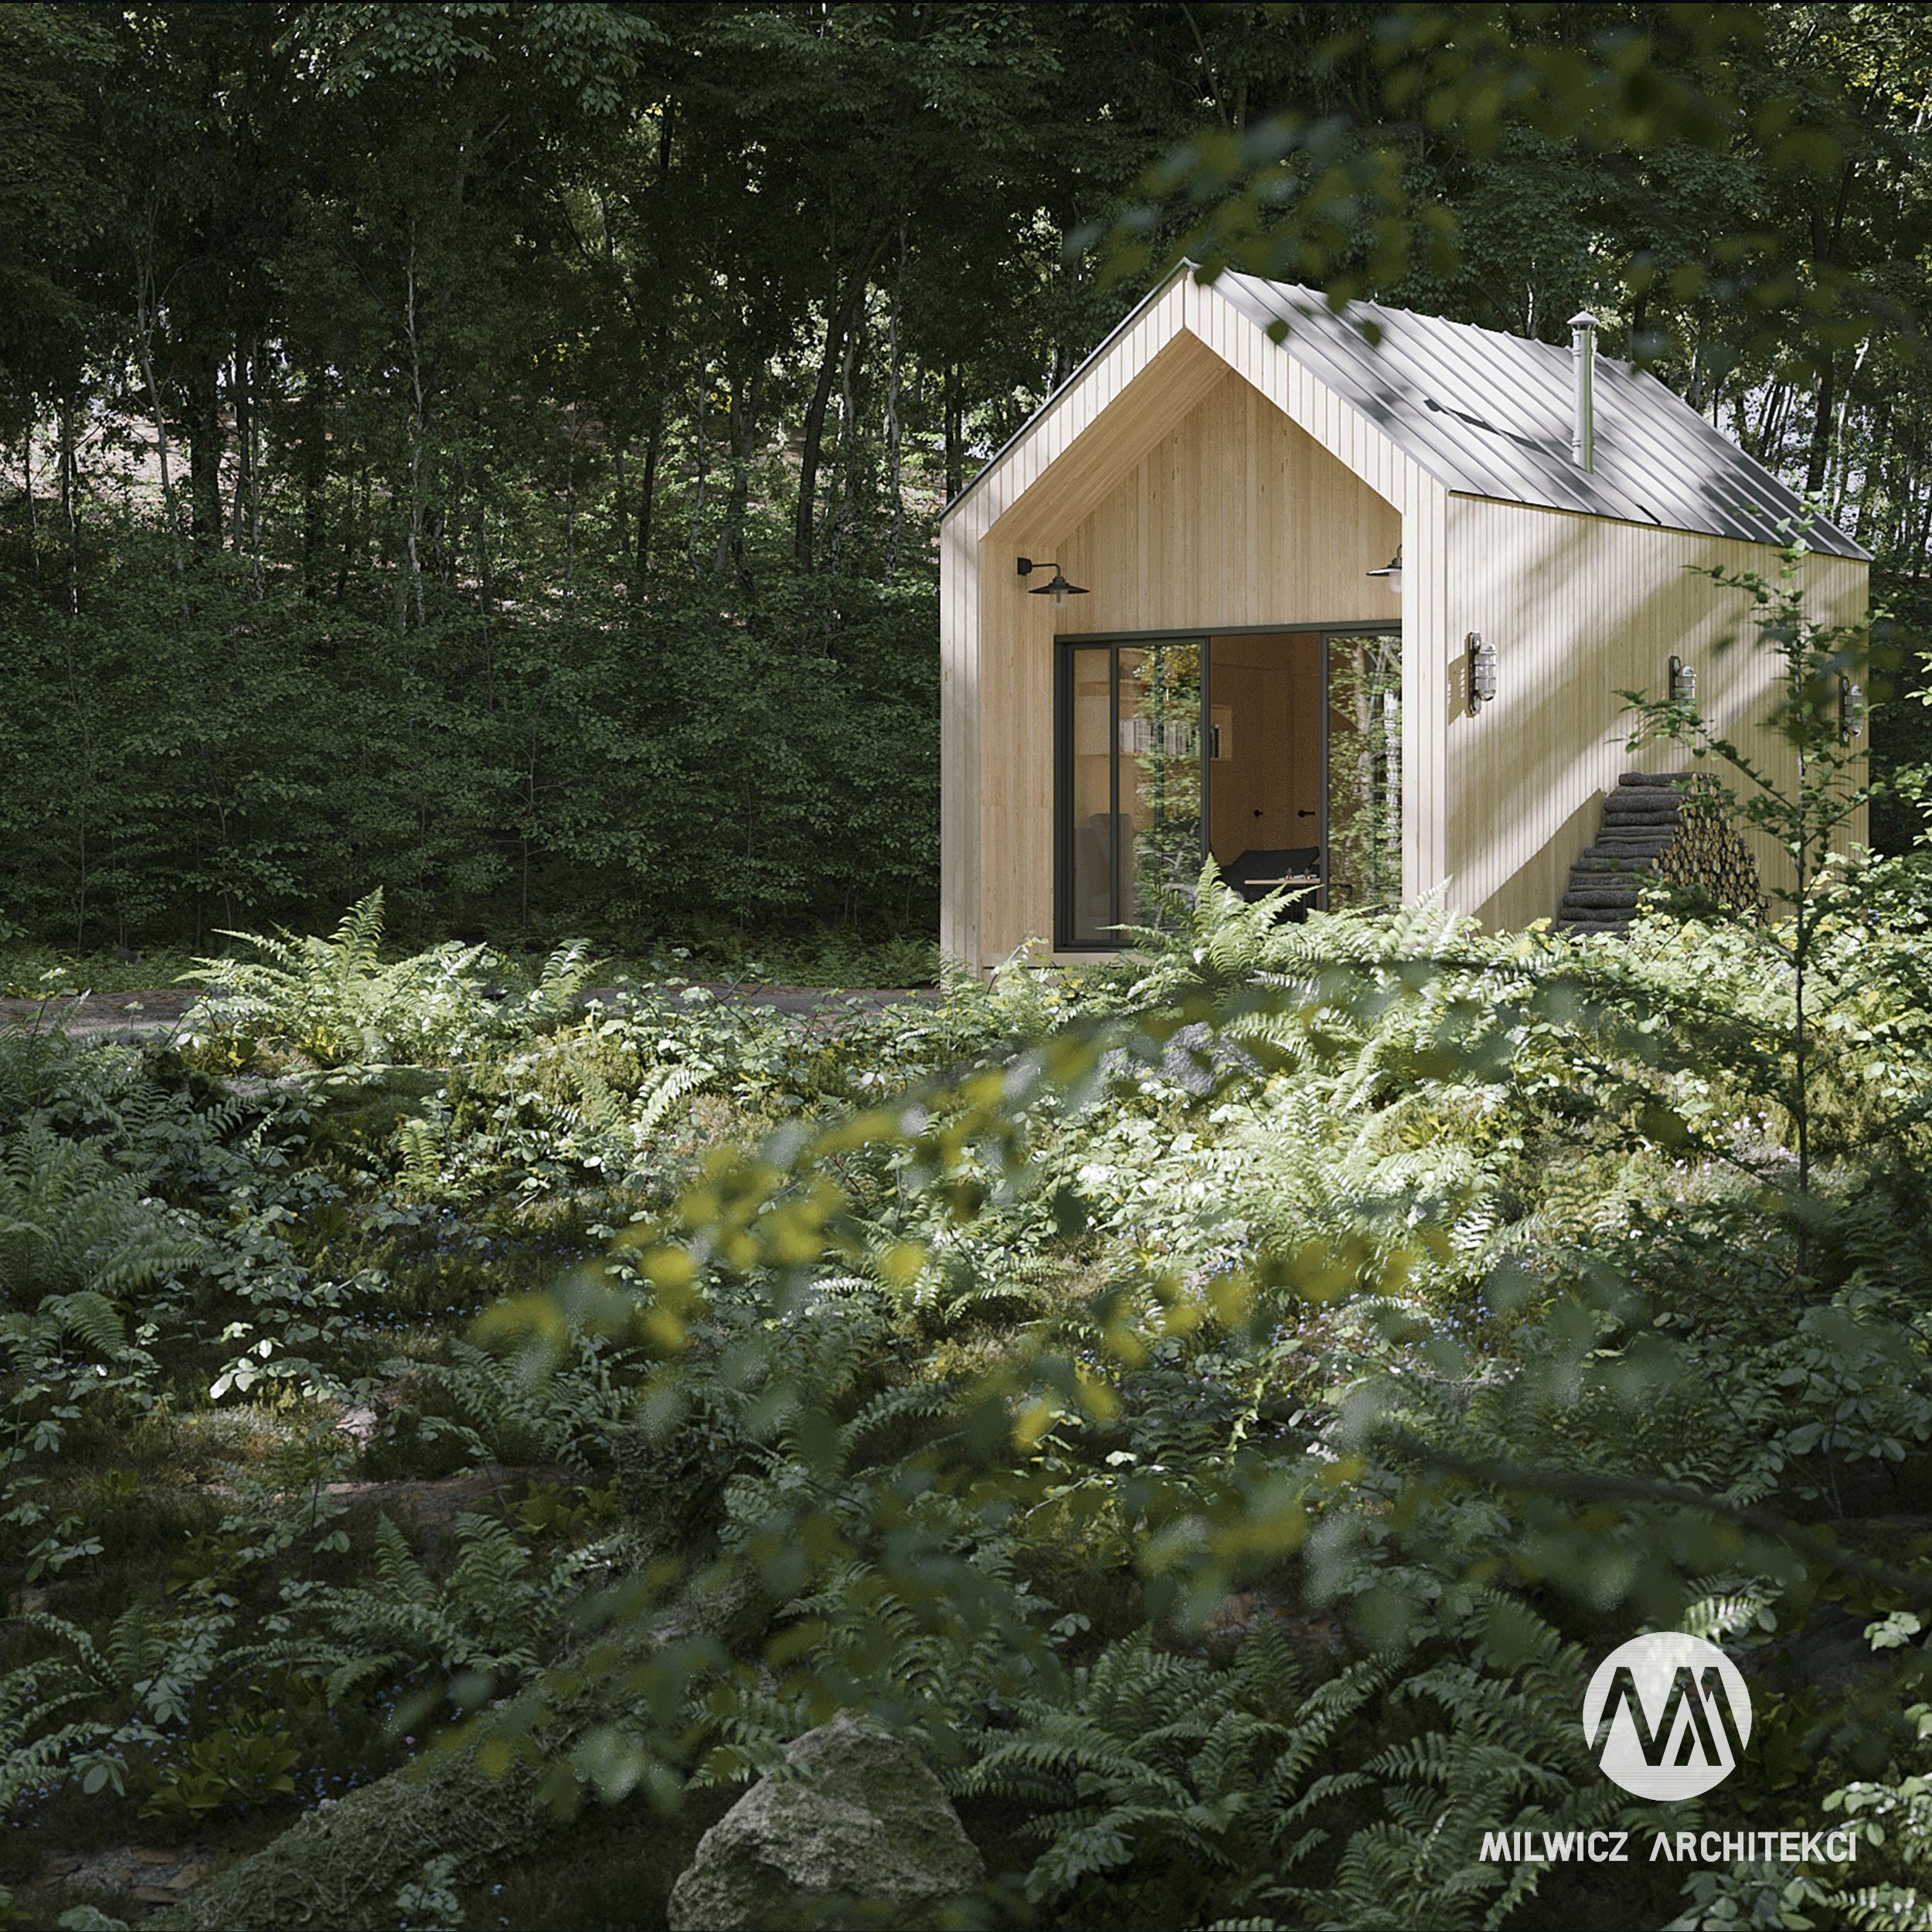 D16, projekty do 35m2, projekt bez pozwolenia, dom na zgłoszenie, dom z drzewem, nowoczesna stodoła